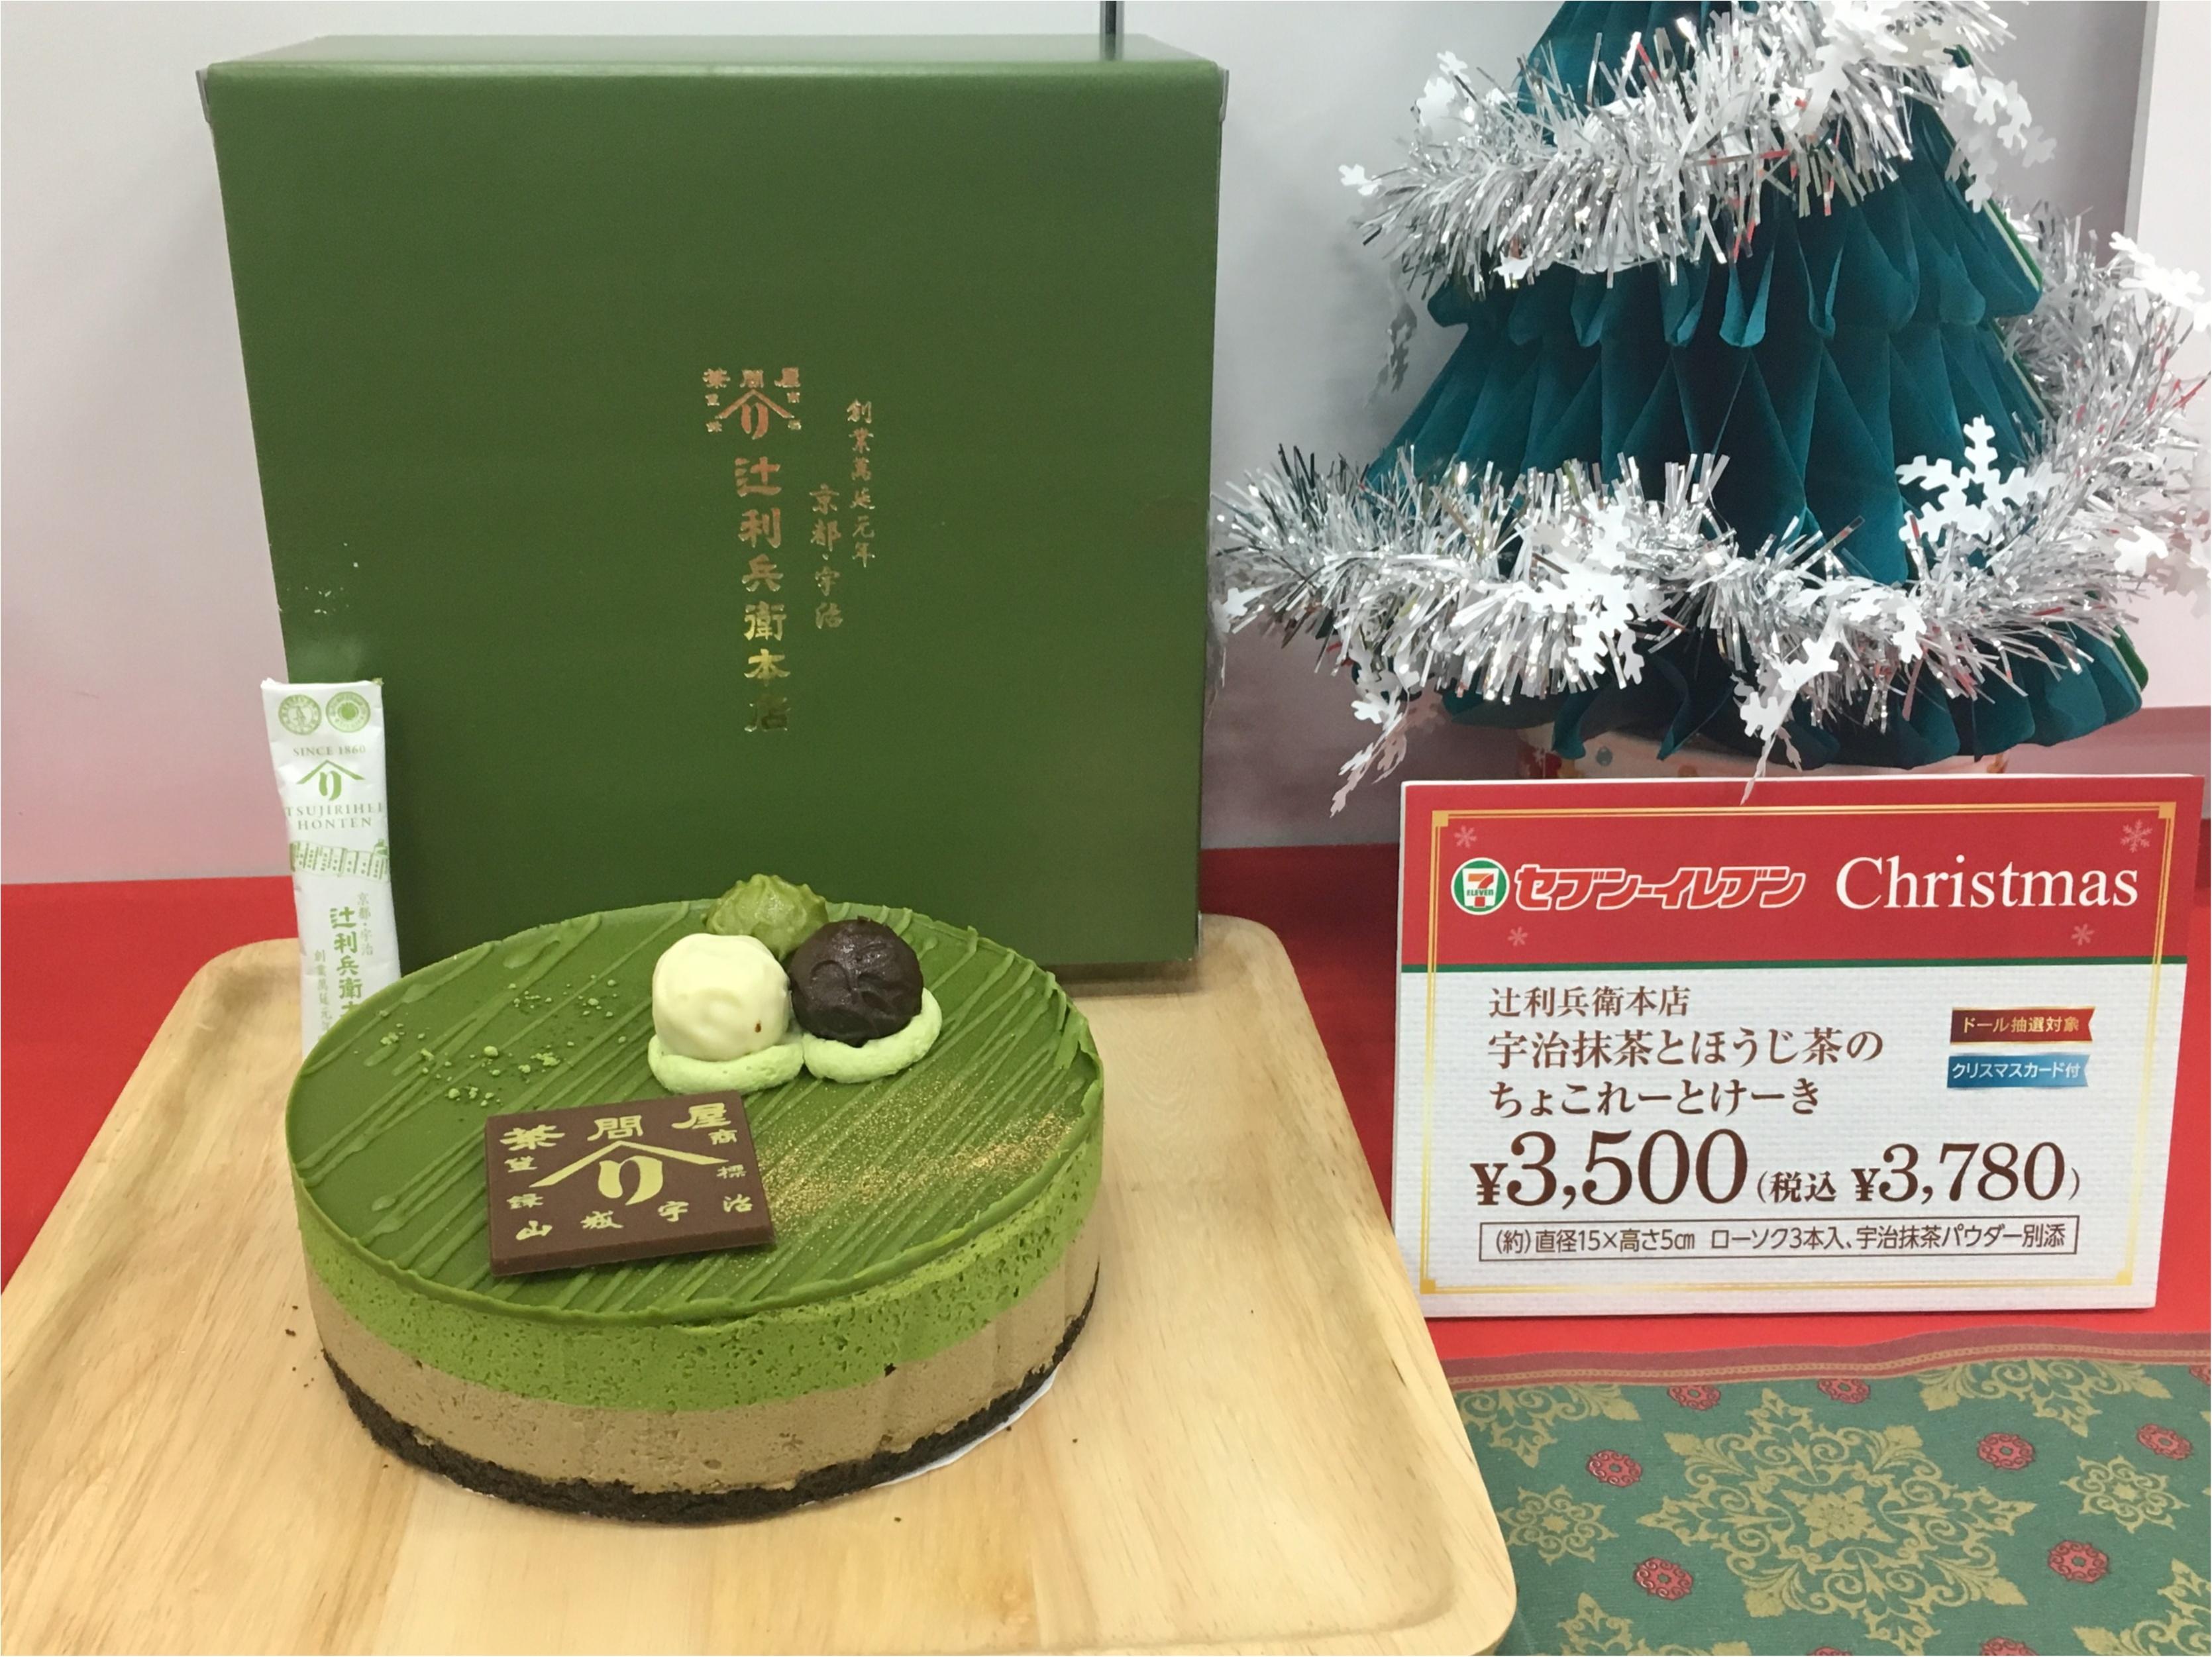 【セブンイレブン】いよいよクリスマス!ケーキどうする?試食会レポート_8